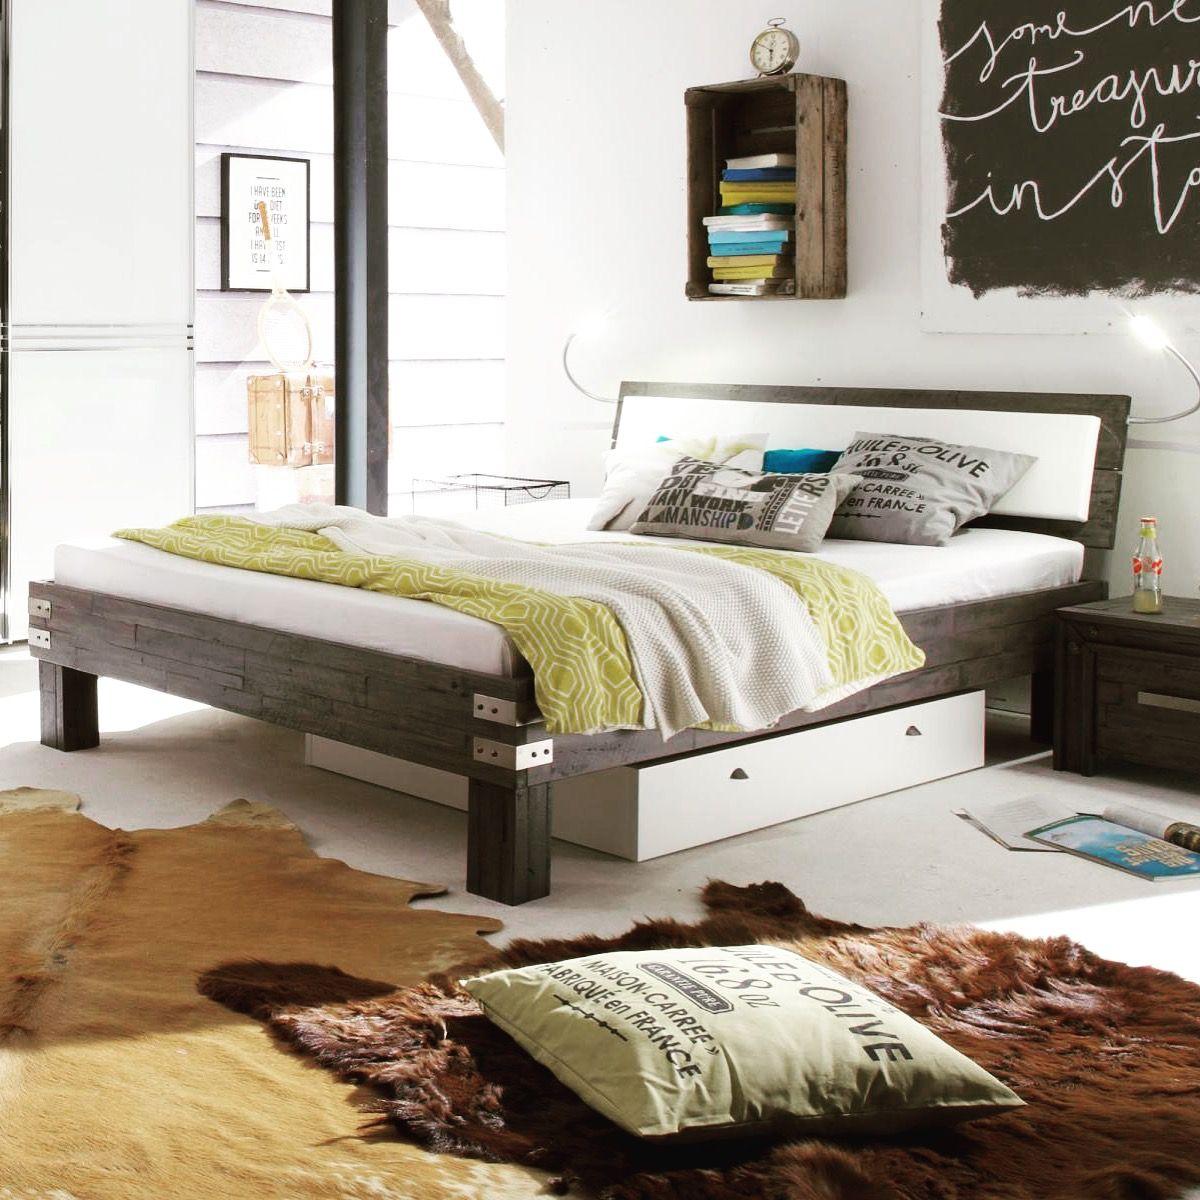 Bett Selber Bauen 12 Einmalige Diy Bett Und Bettrahmen Ideen Bettrahmen Ideen Bett Selber Bauen Bett Bauen